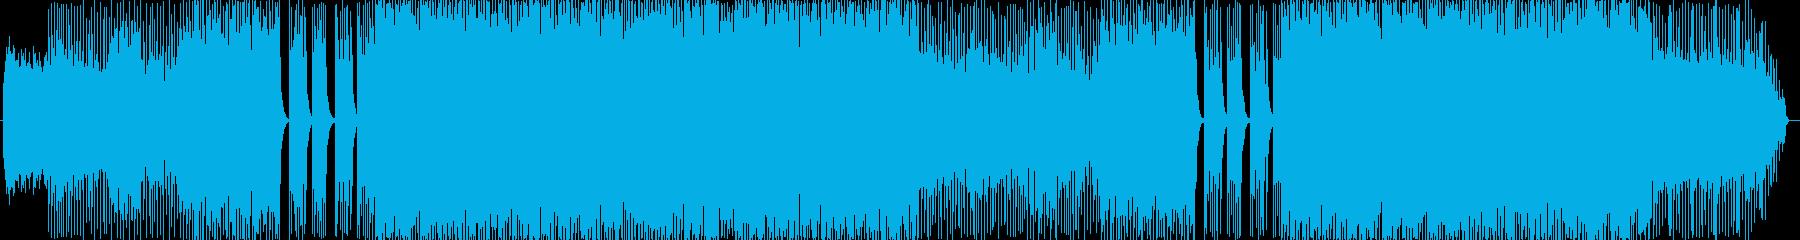 『あけがた、又は、よあけ』のイメージ…の再生済みの波形